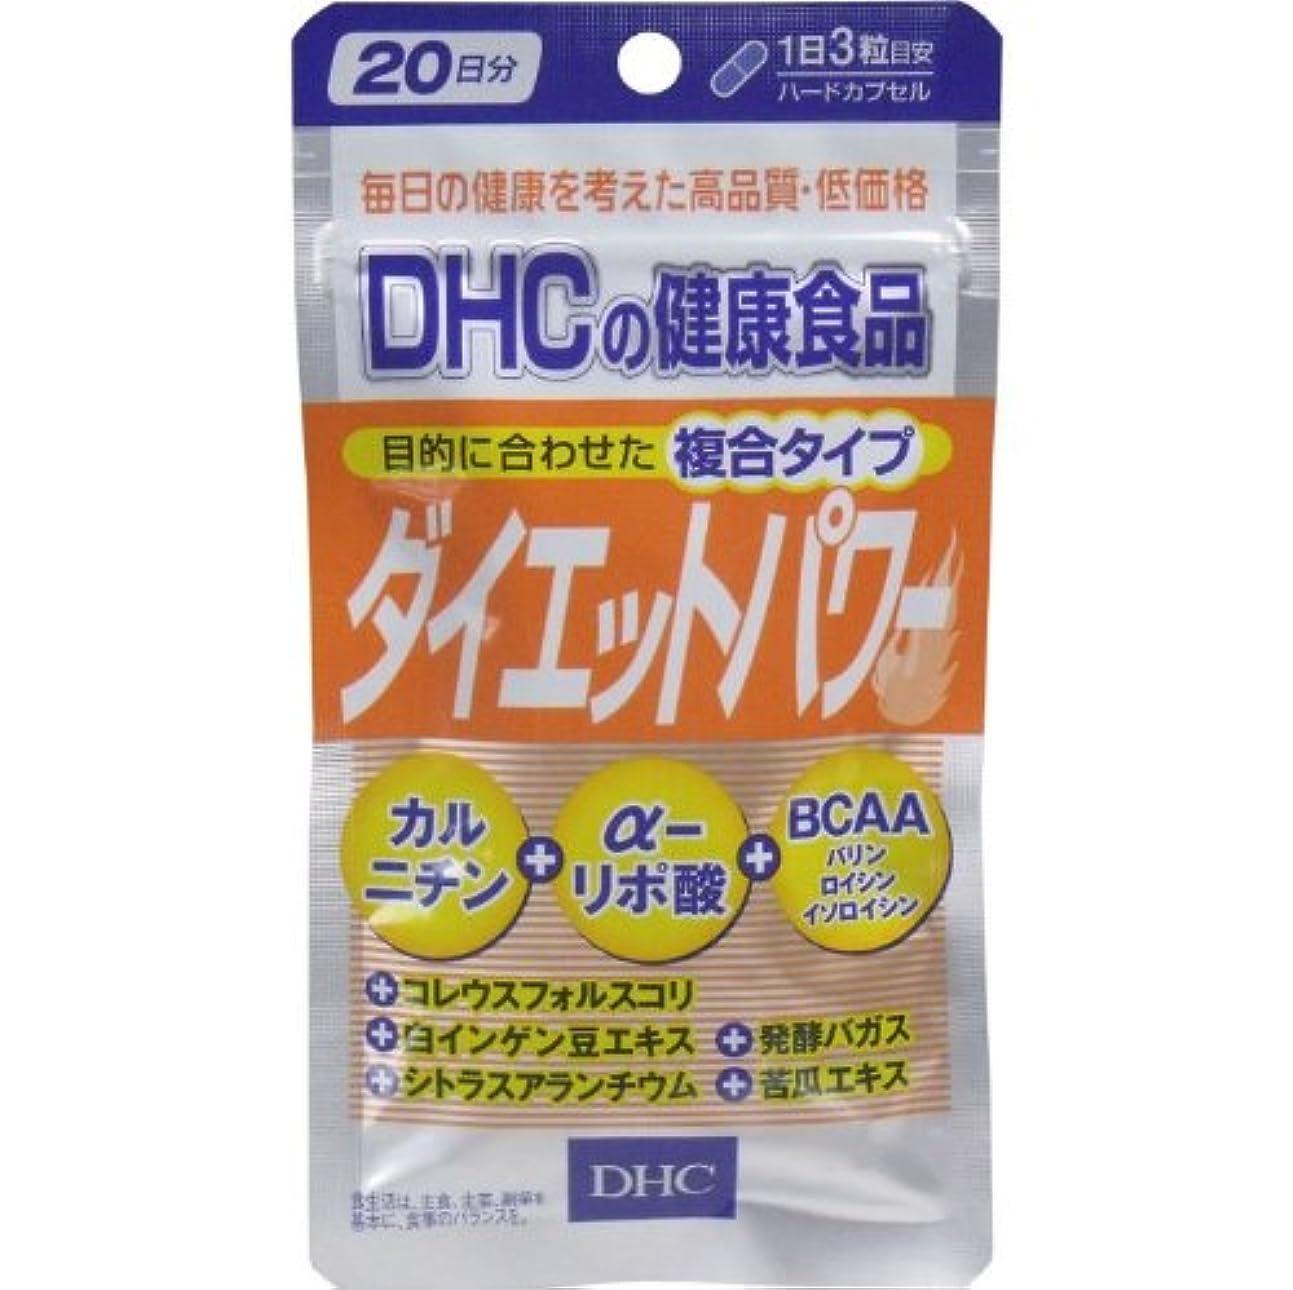 バレーボール職業短くするDHC ダイエットパワー 60粒入 20日分「2点セット」